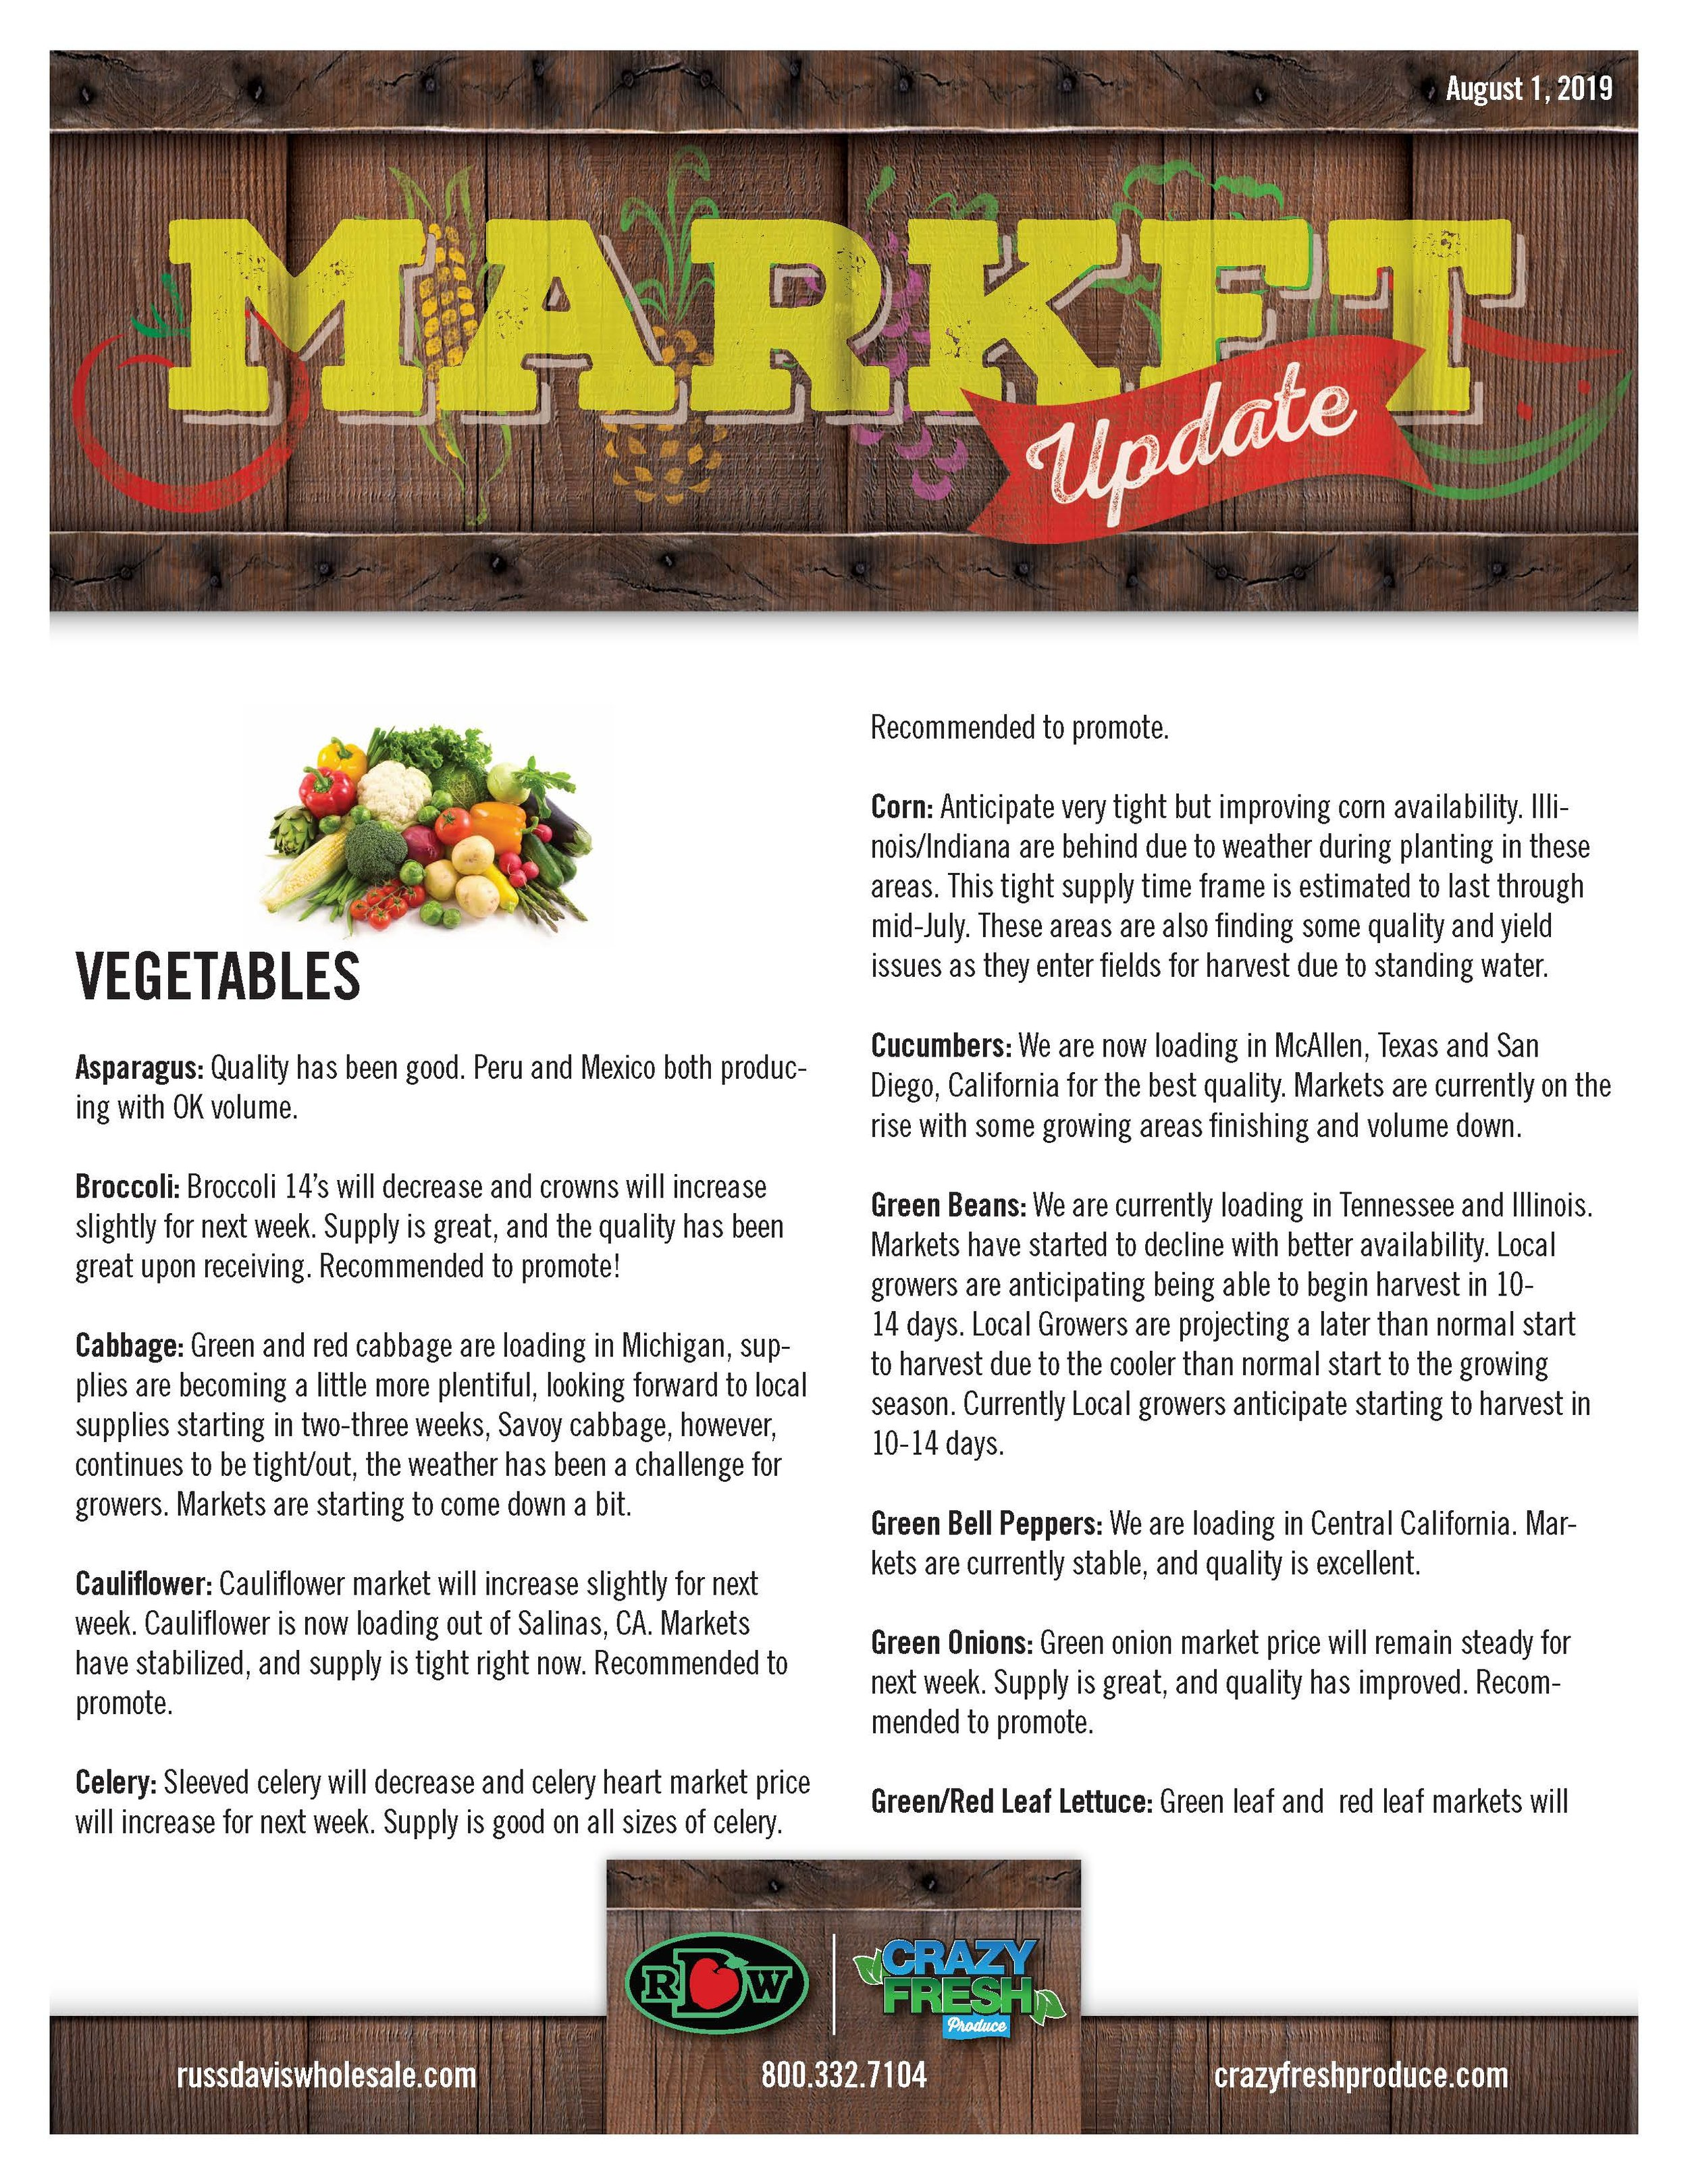 RDW_Market_Update_Aug1_19_Page_1.jpg